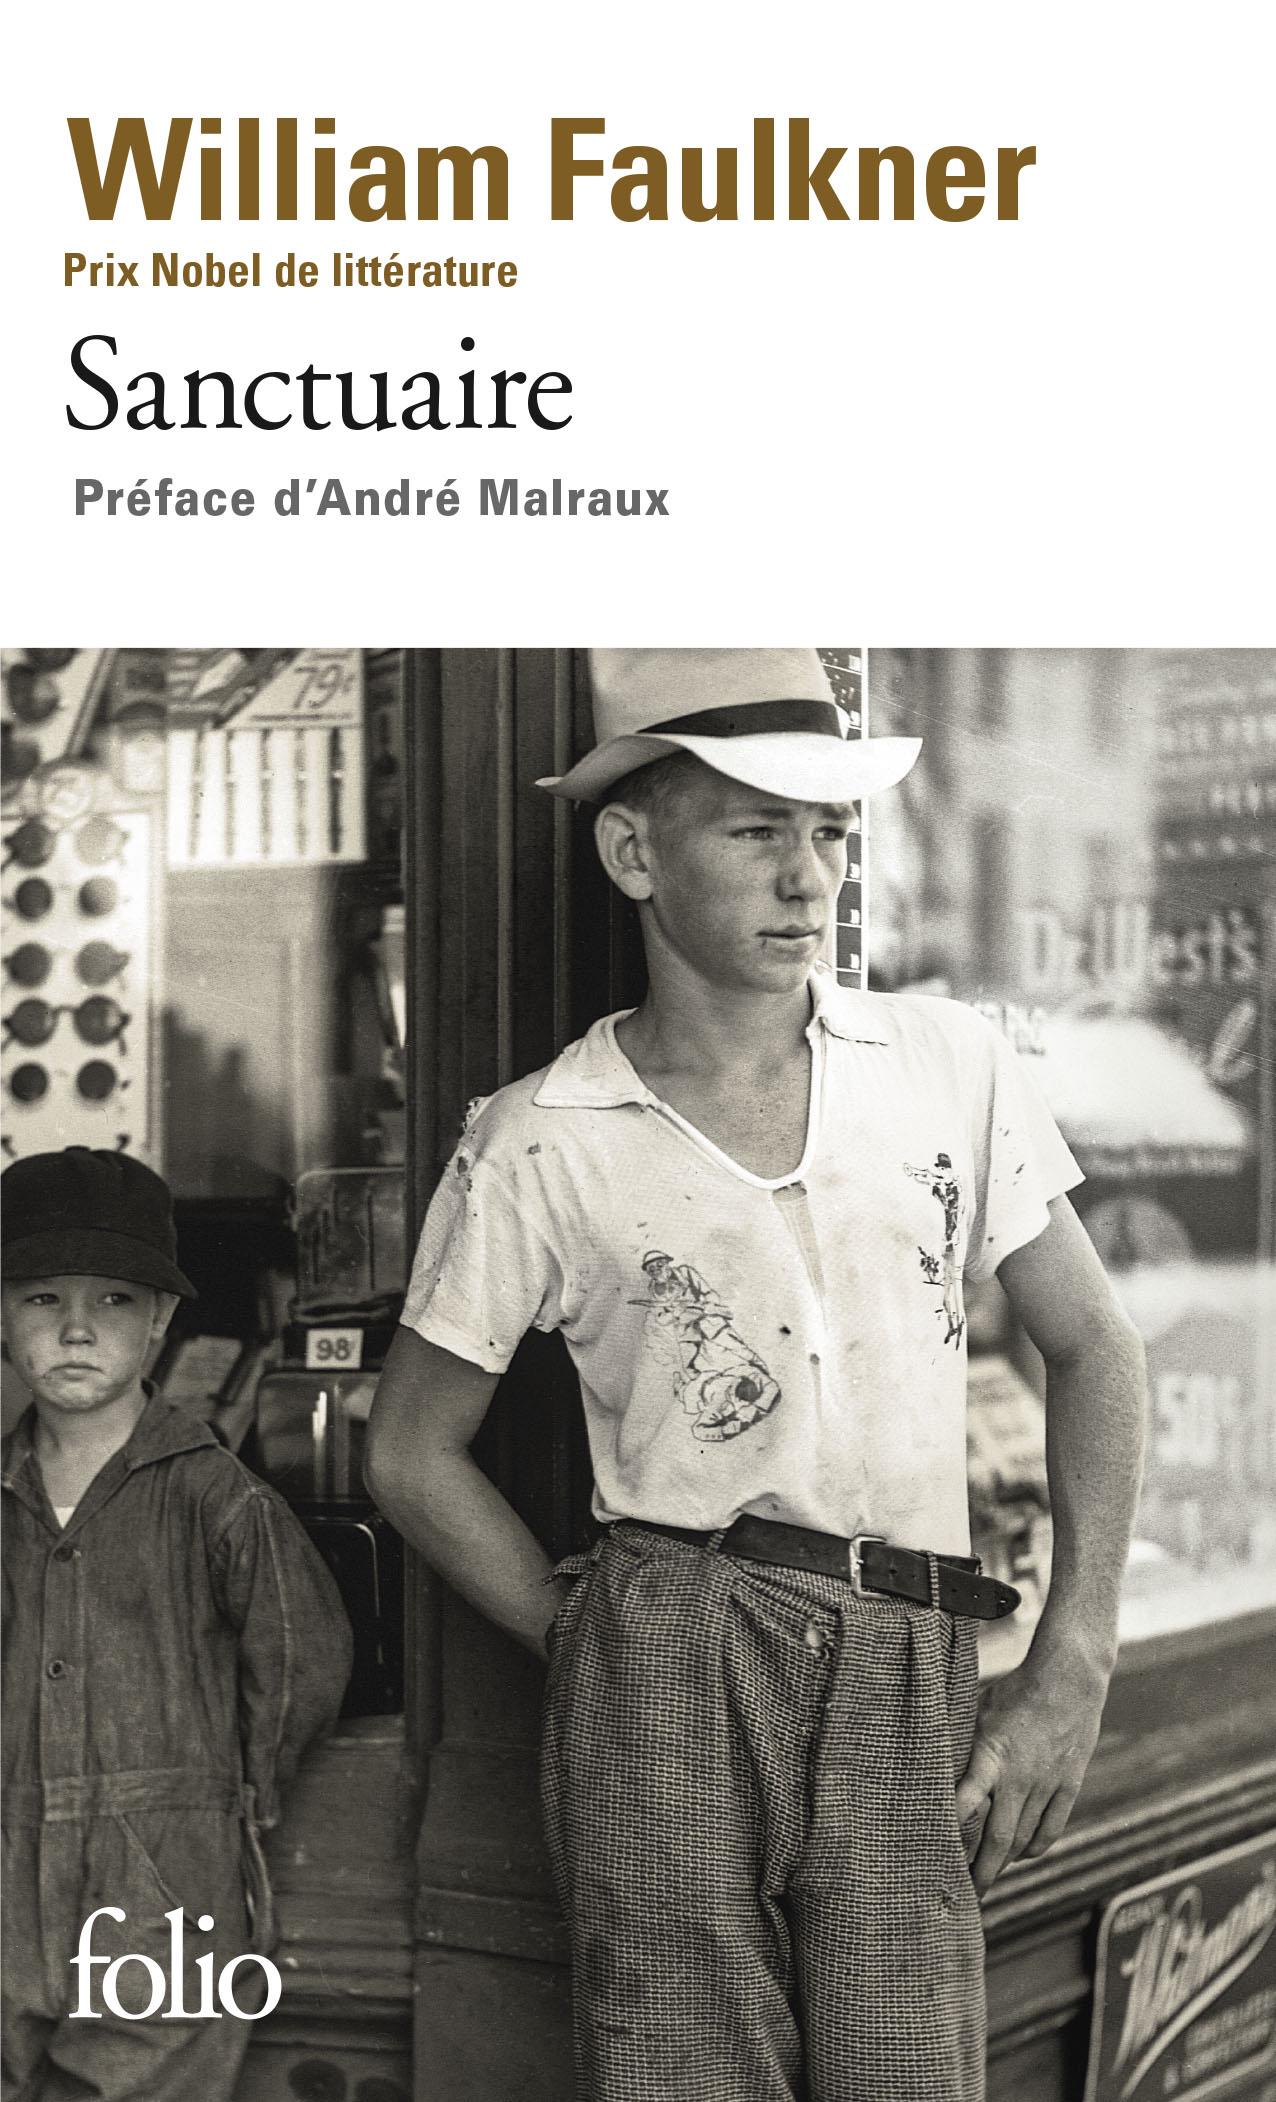 """Résultat de recherche d'images pour """"william faulkner sanctuaire couverture"""""""